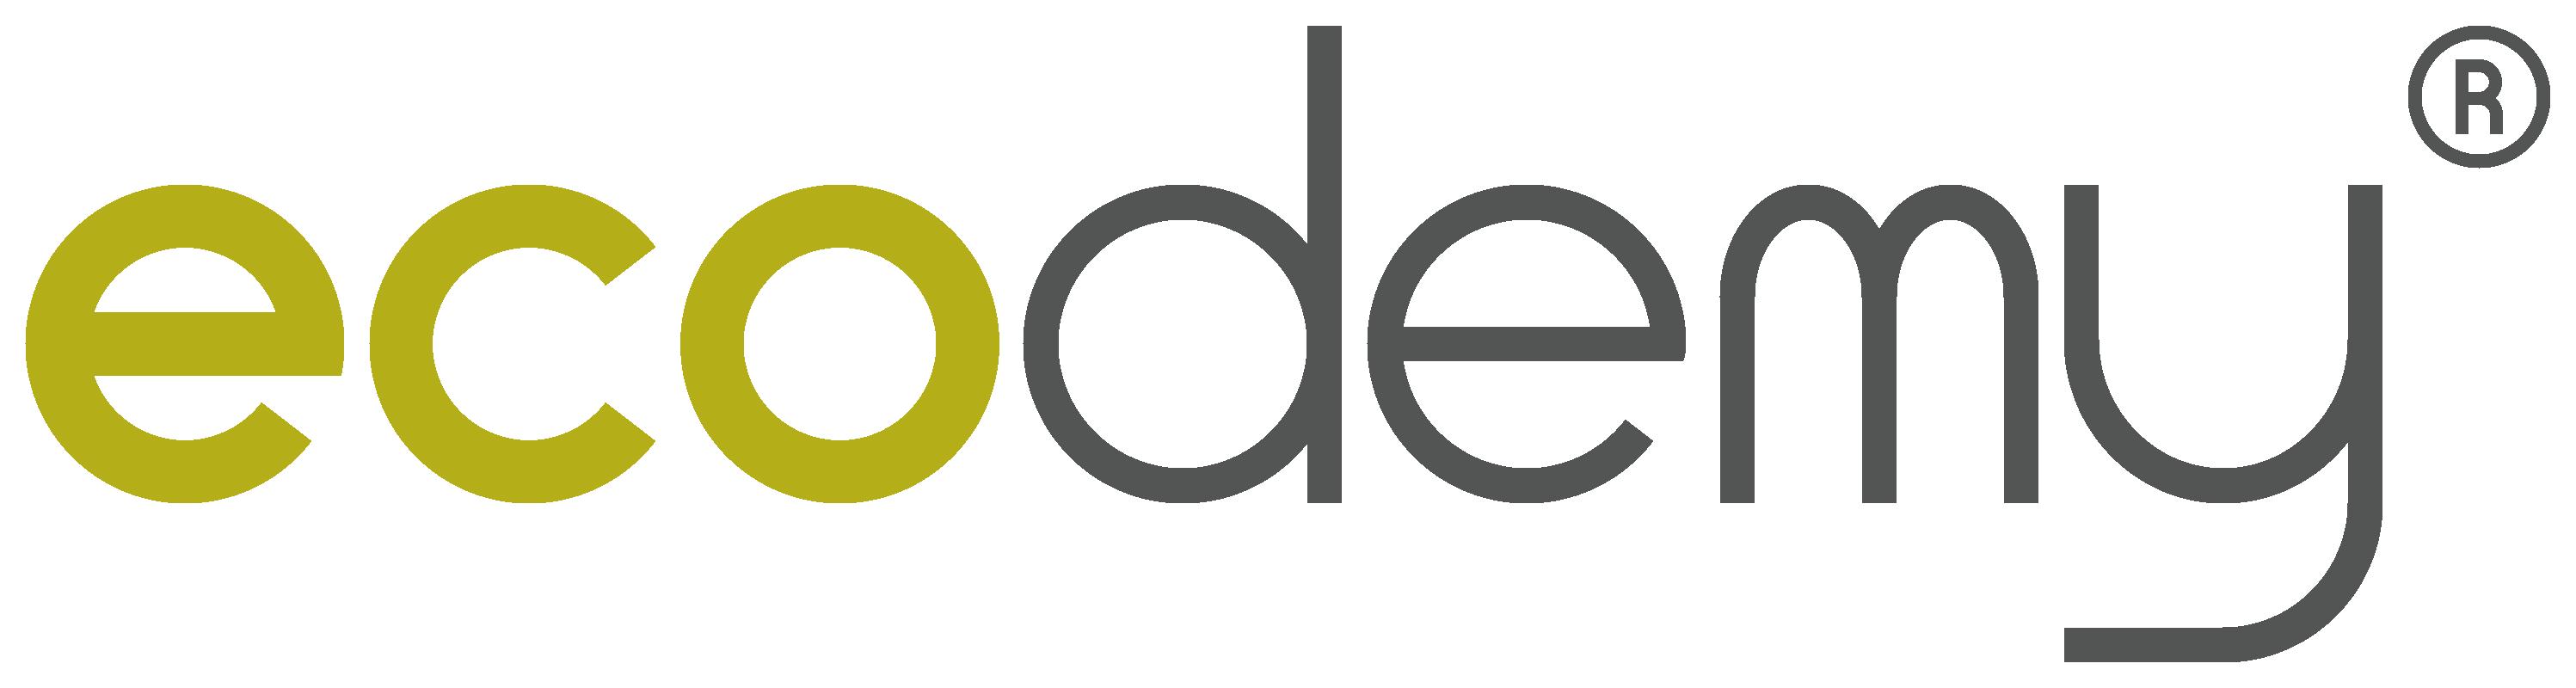 ecodemy-logo-2995x800